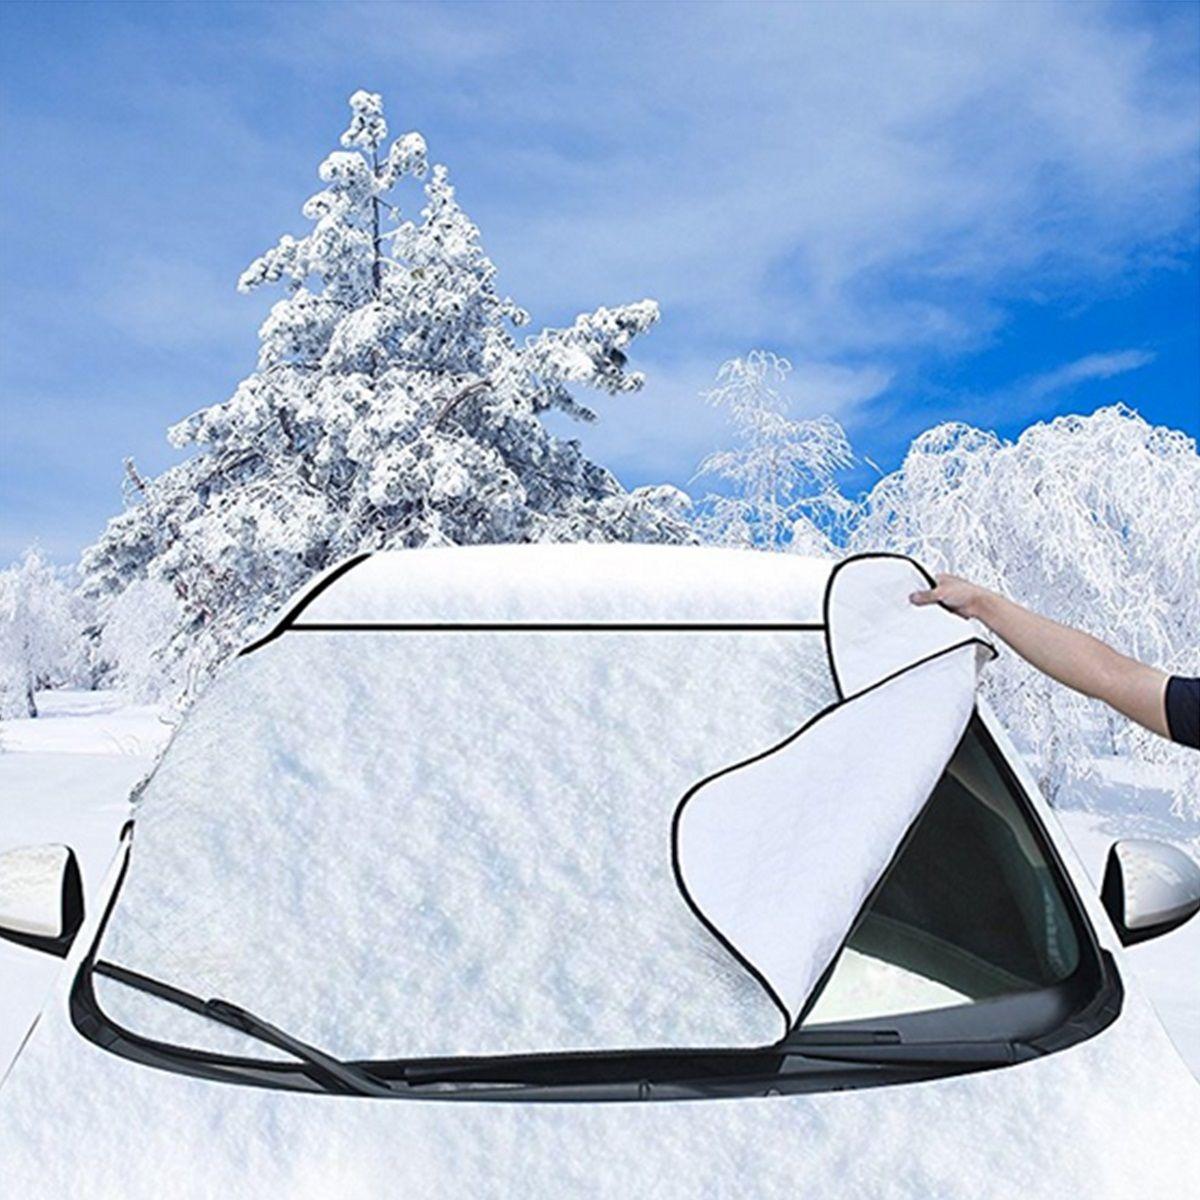 Parabrisas Auto Tapa Anti Nieve Frost Hielo Escudo Polvo Protector De Calor Parasol